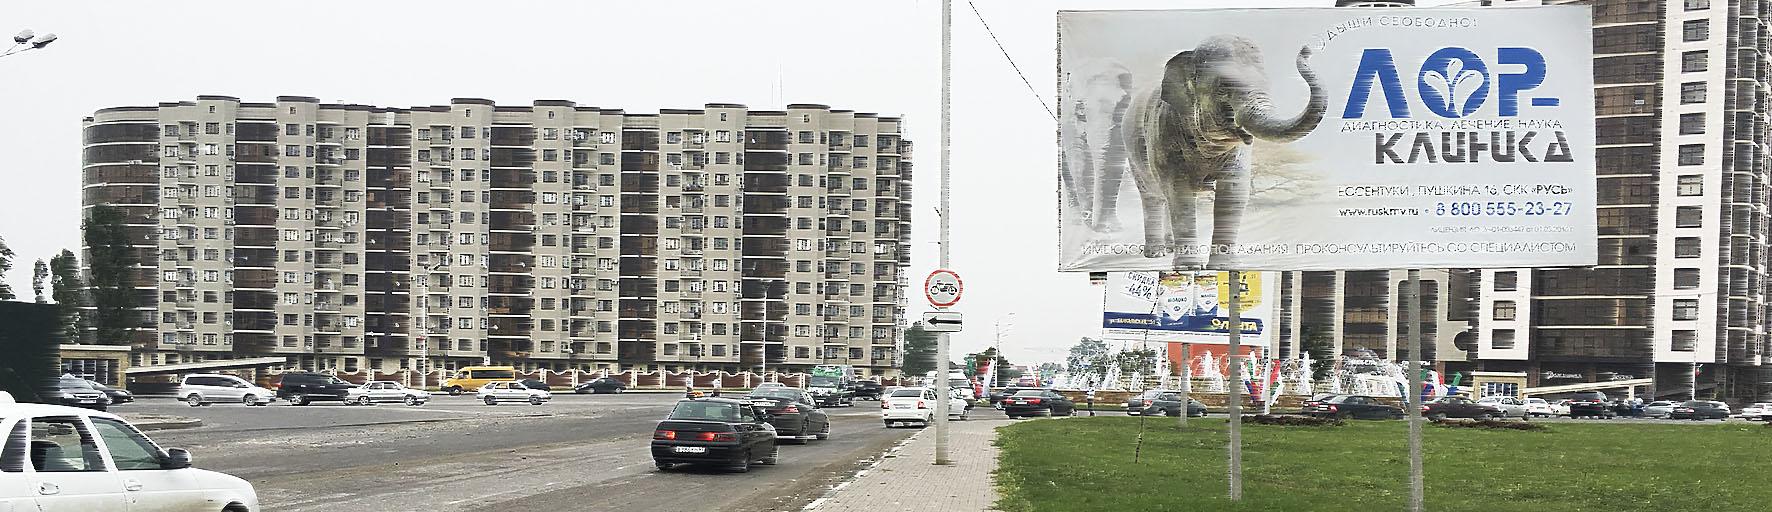 Наружная реклама в населенных пунктах Чечни Грозный